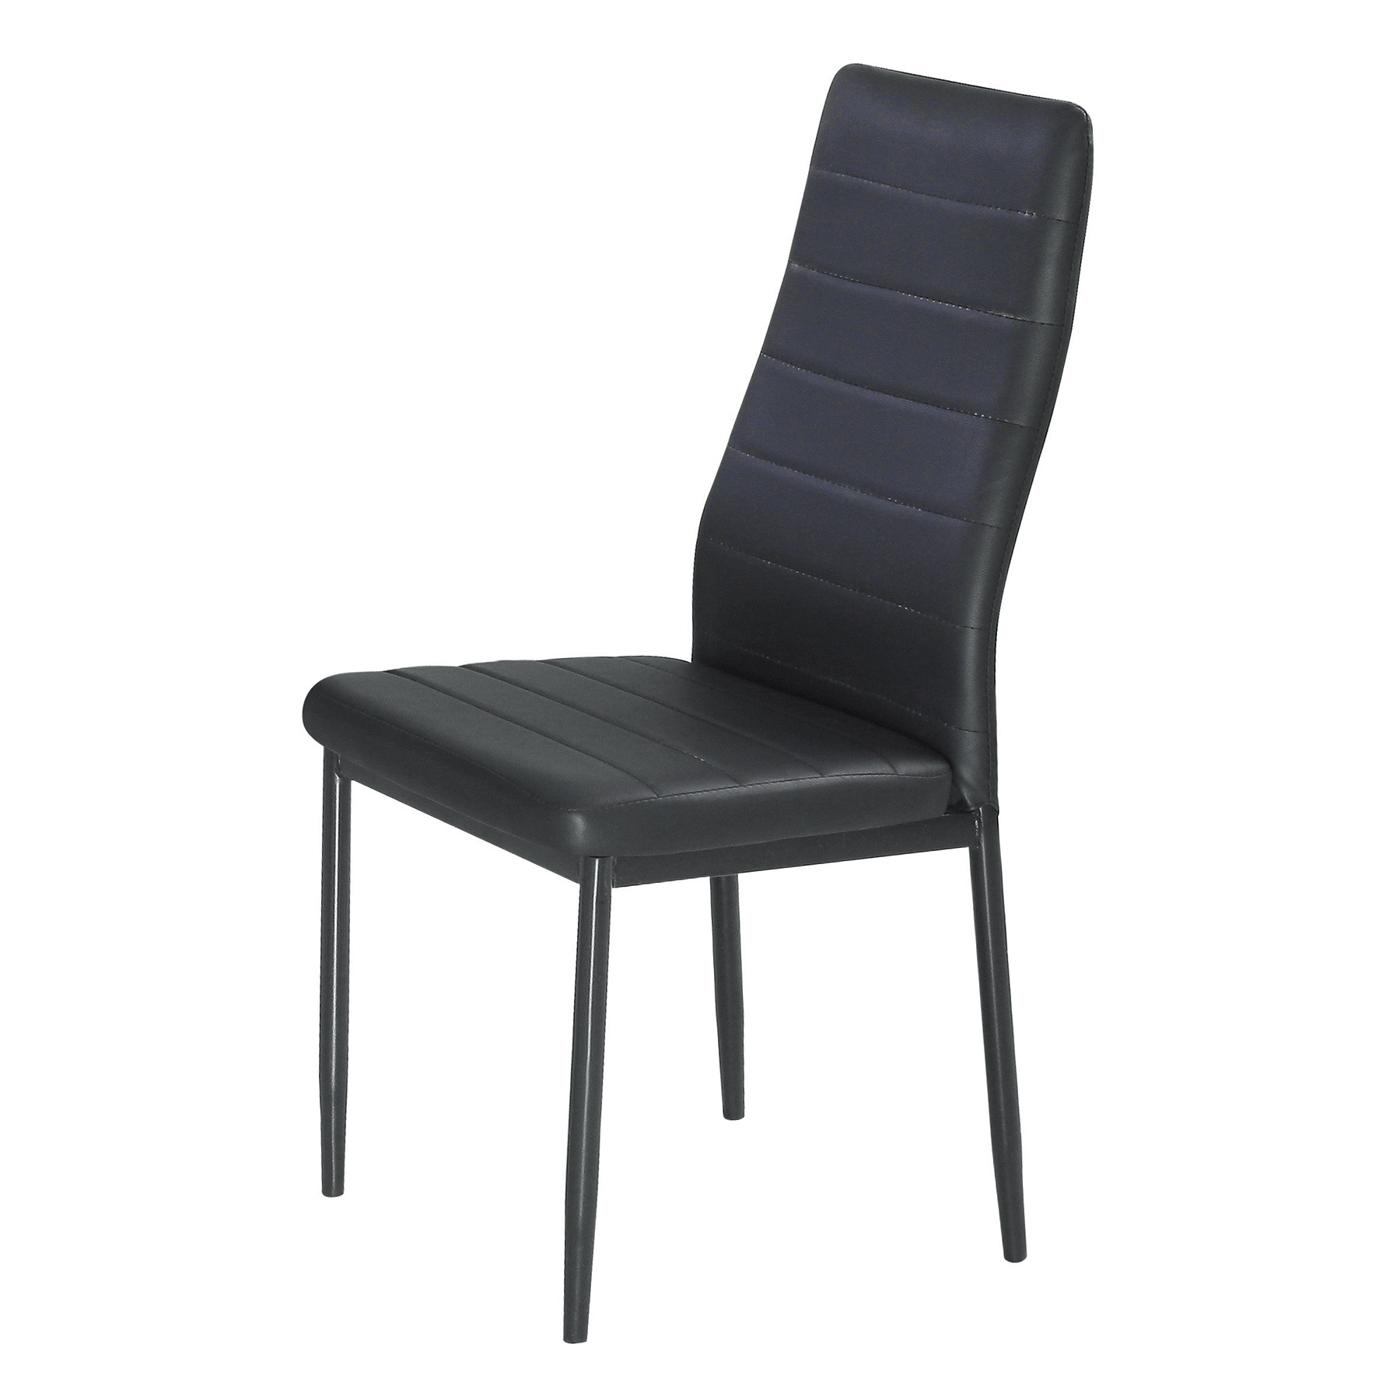 【森可家居】馬可黑皮餐椅 6JF988-11